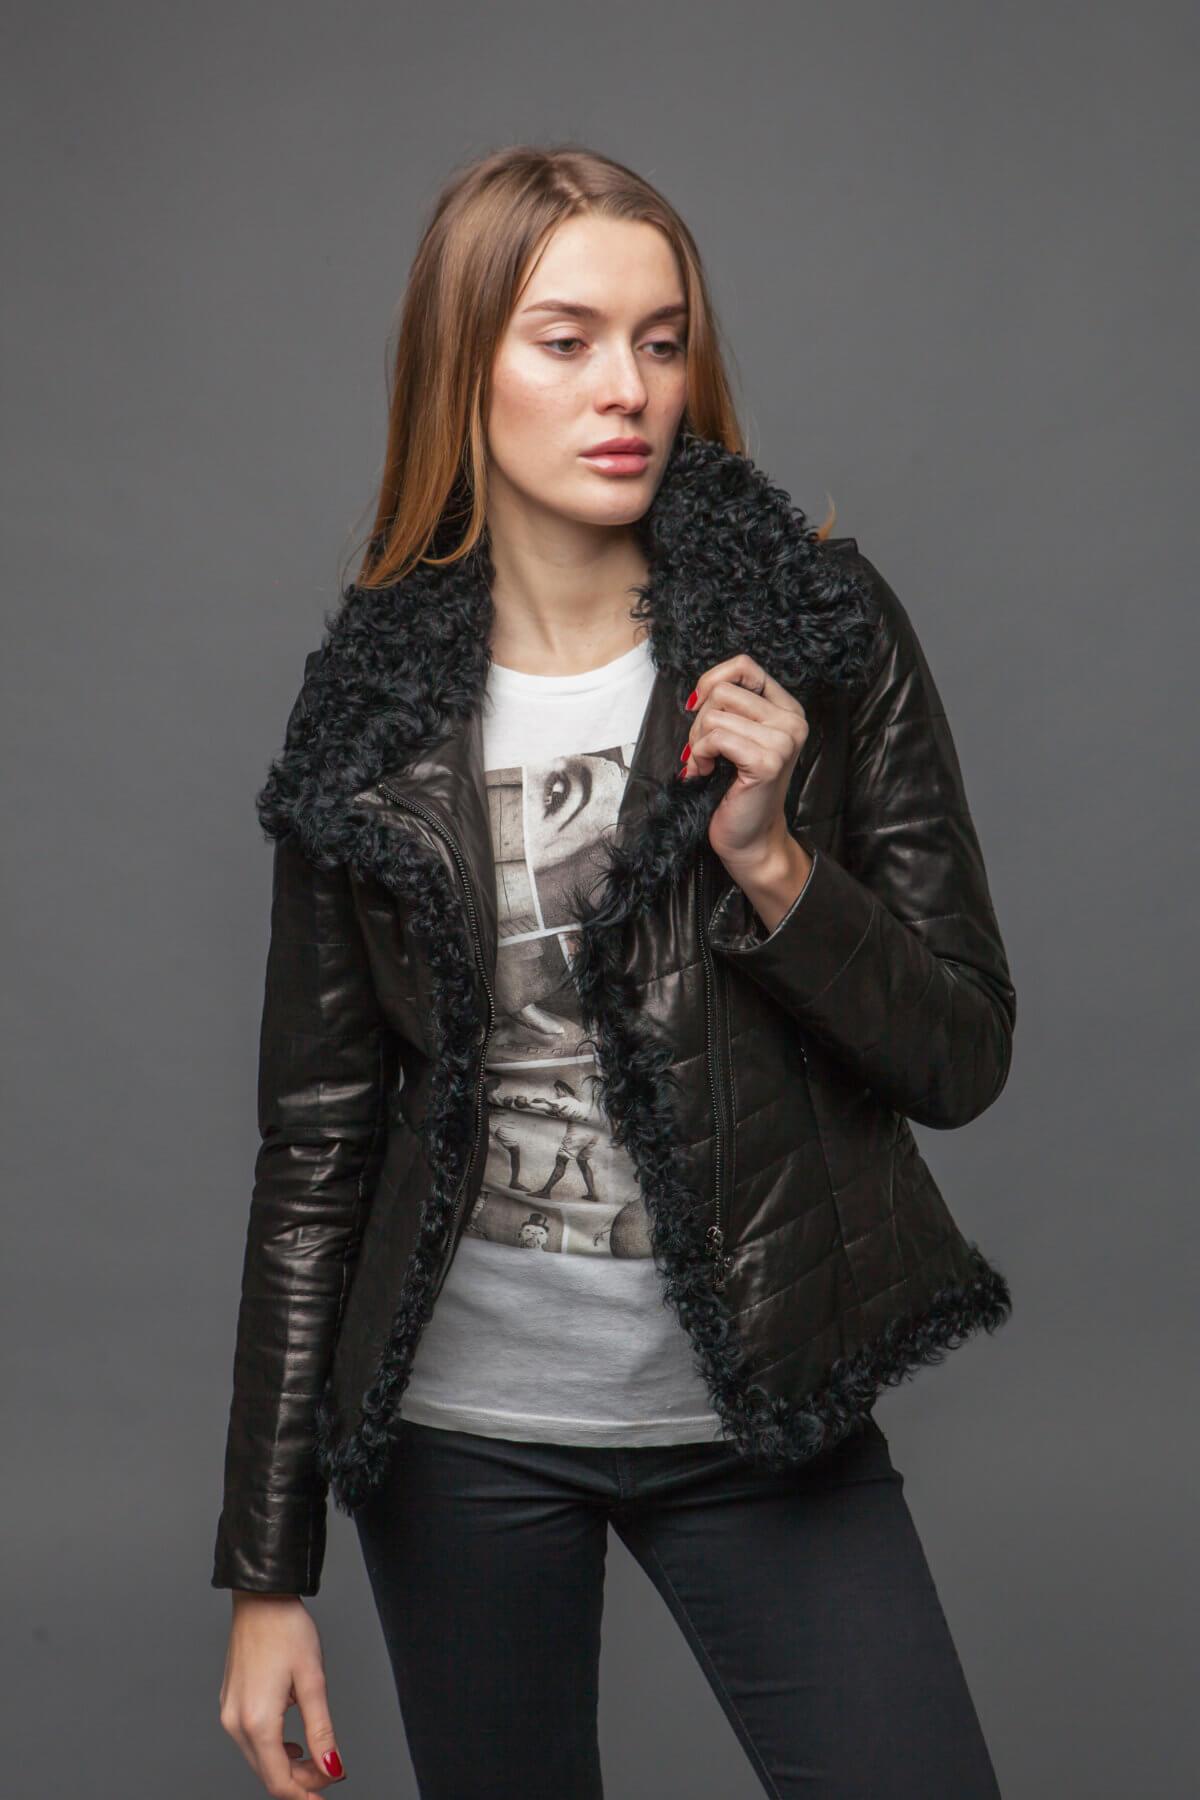 Кожаная куртка с барашком. Фото 2